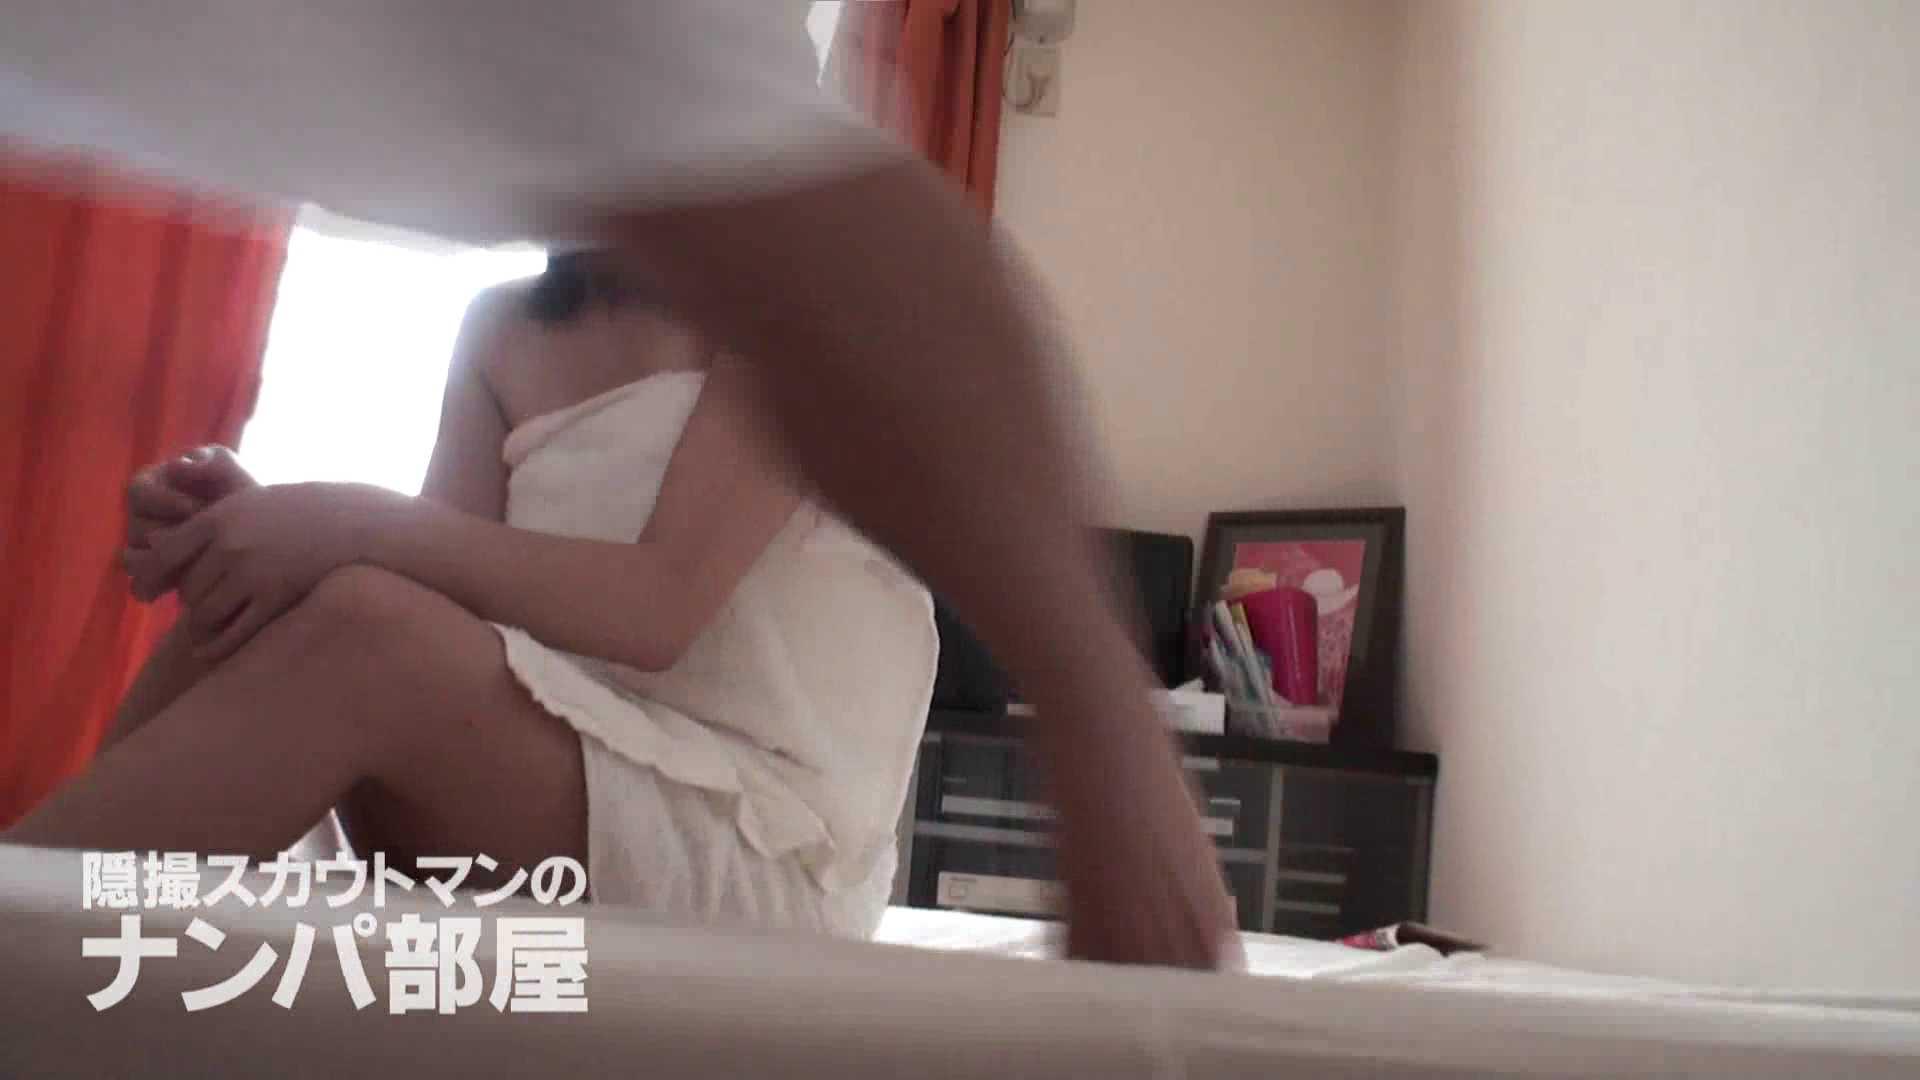 隠撮スカウトマンのナンパ部屋~風俗デビュー前のつまみ食い~ sii 隠撮  84連発 53